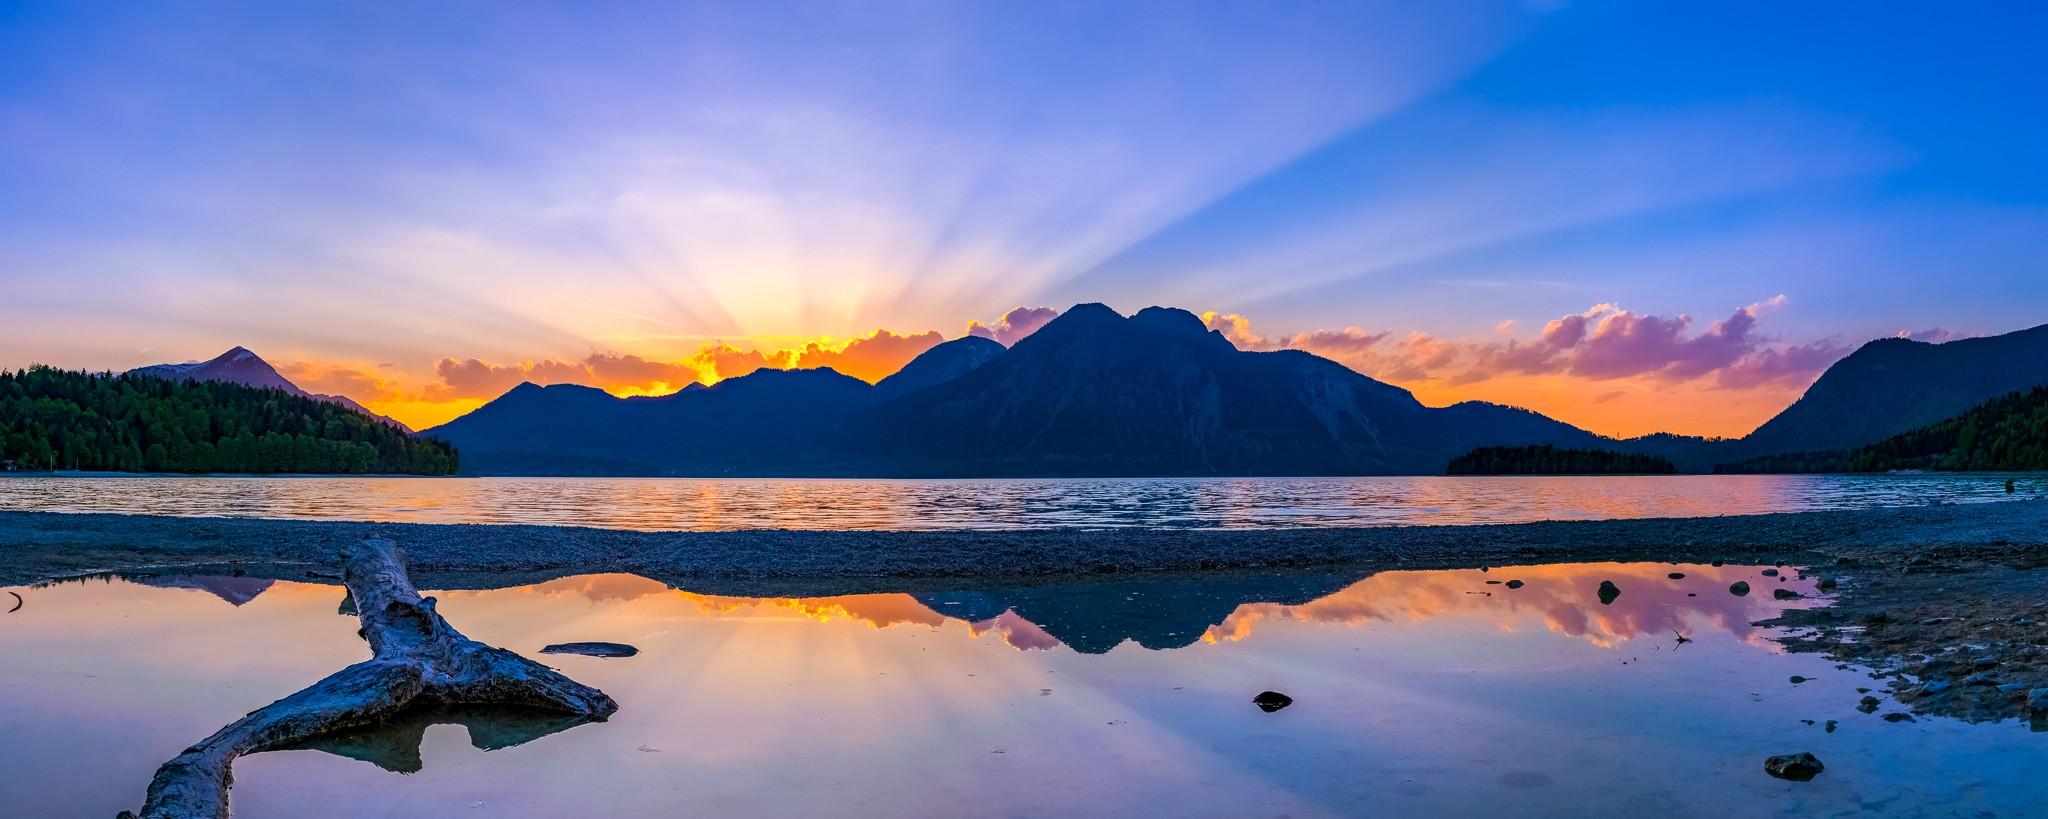 Sonnenstrahlen am Walchensee - Abendrot